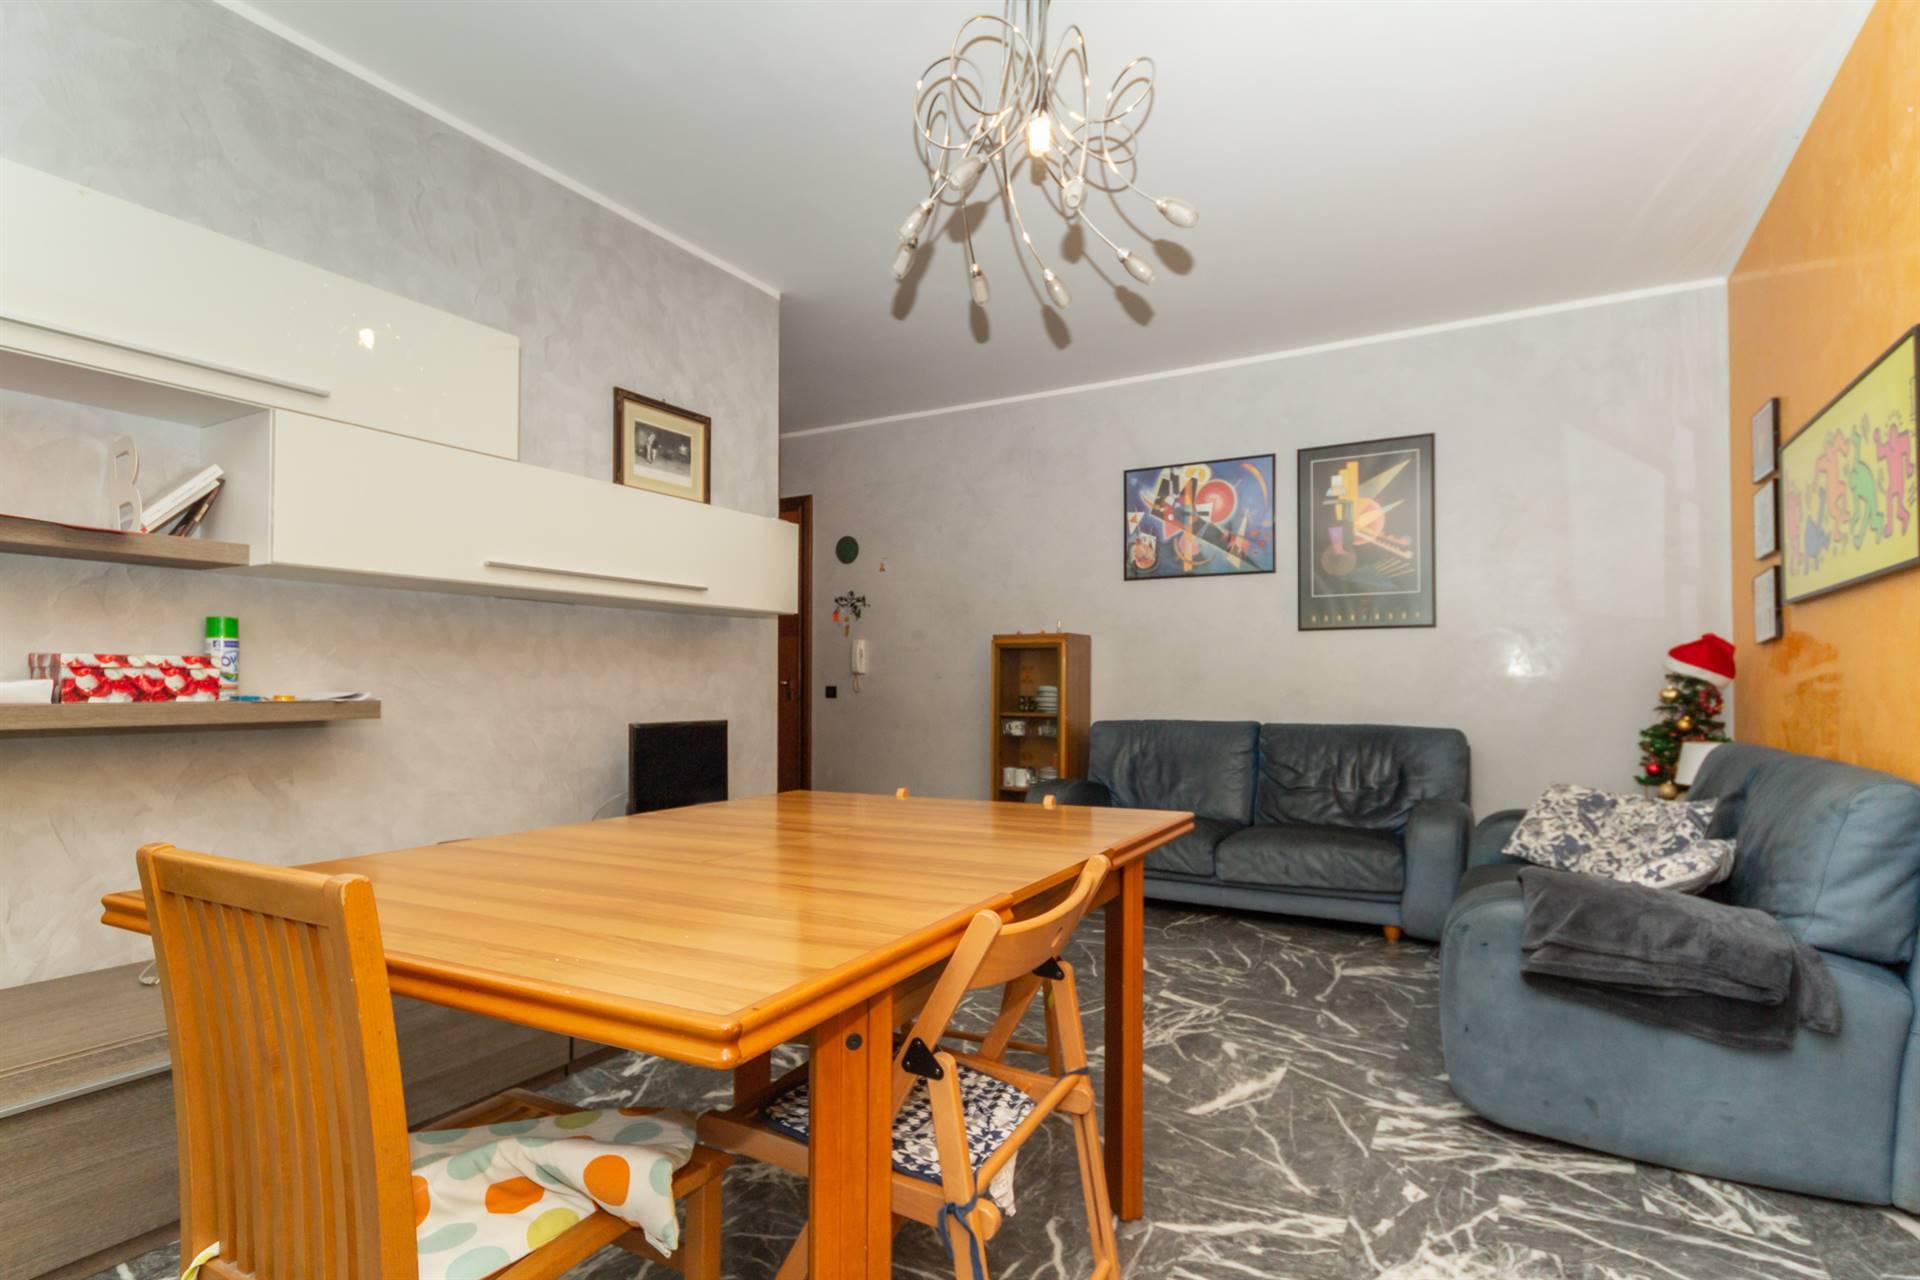 Mestre Viale San Marco proponiamo appartamento in ottime condizioni interne, posto al primo piano di un condominio molto ben tenuto e con giardino